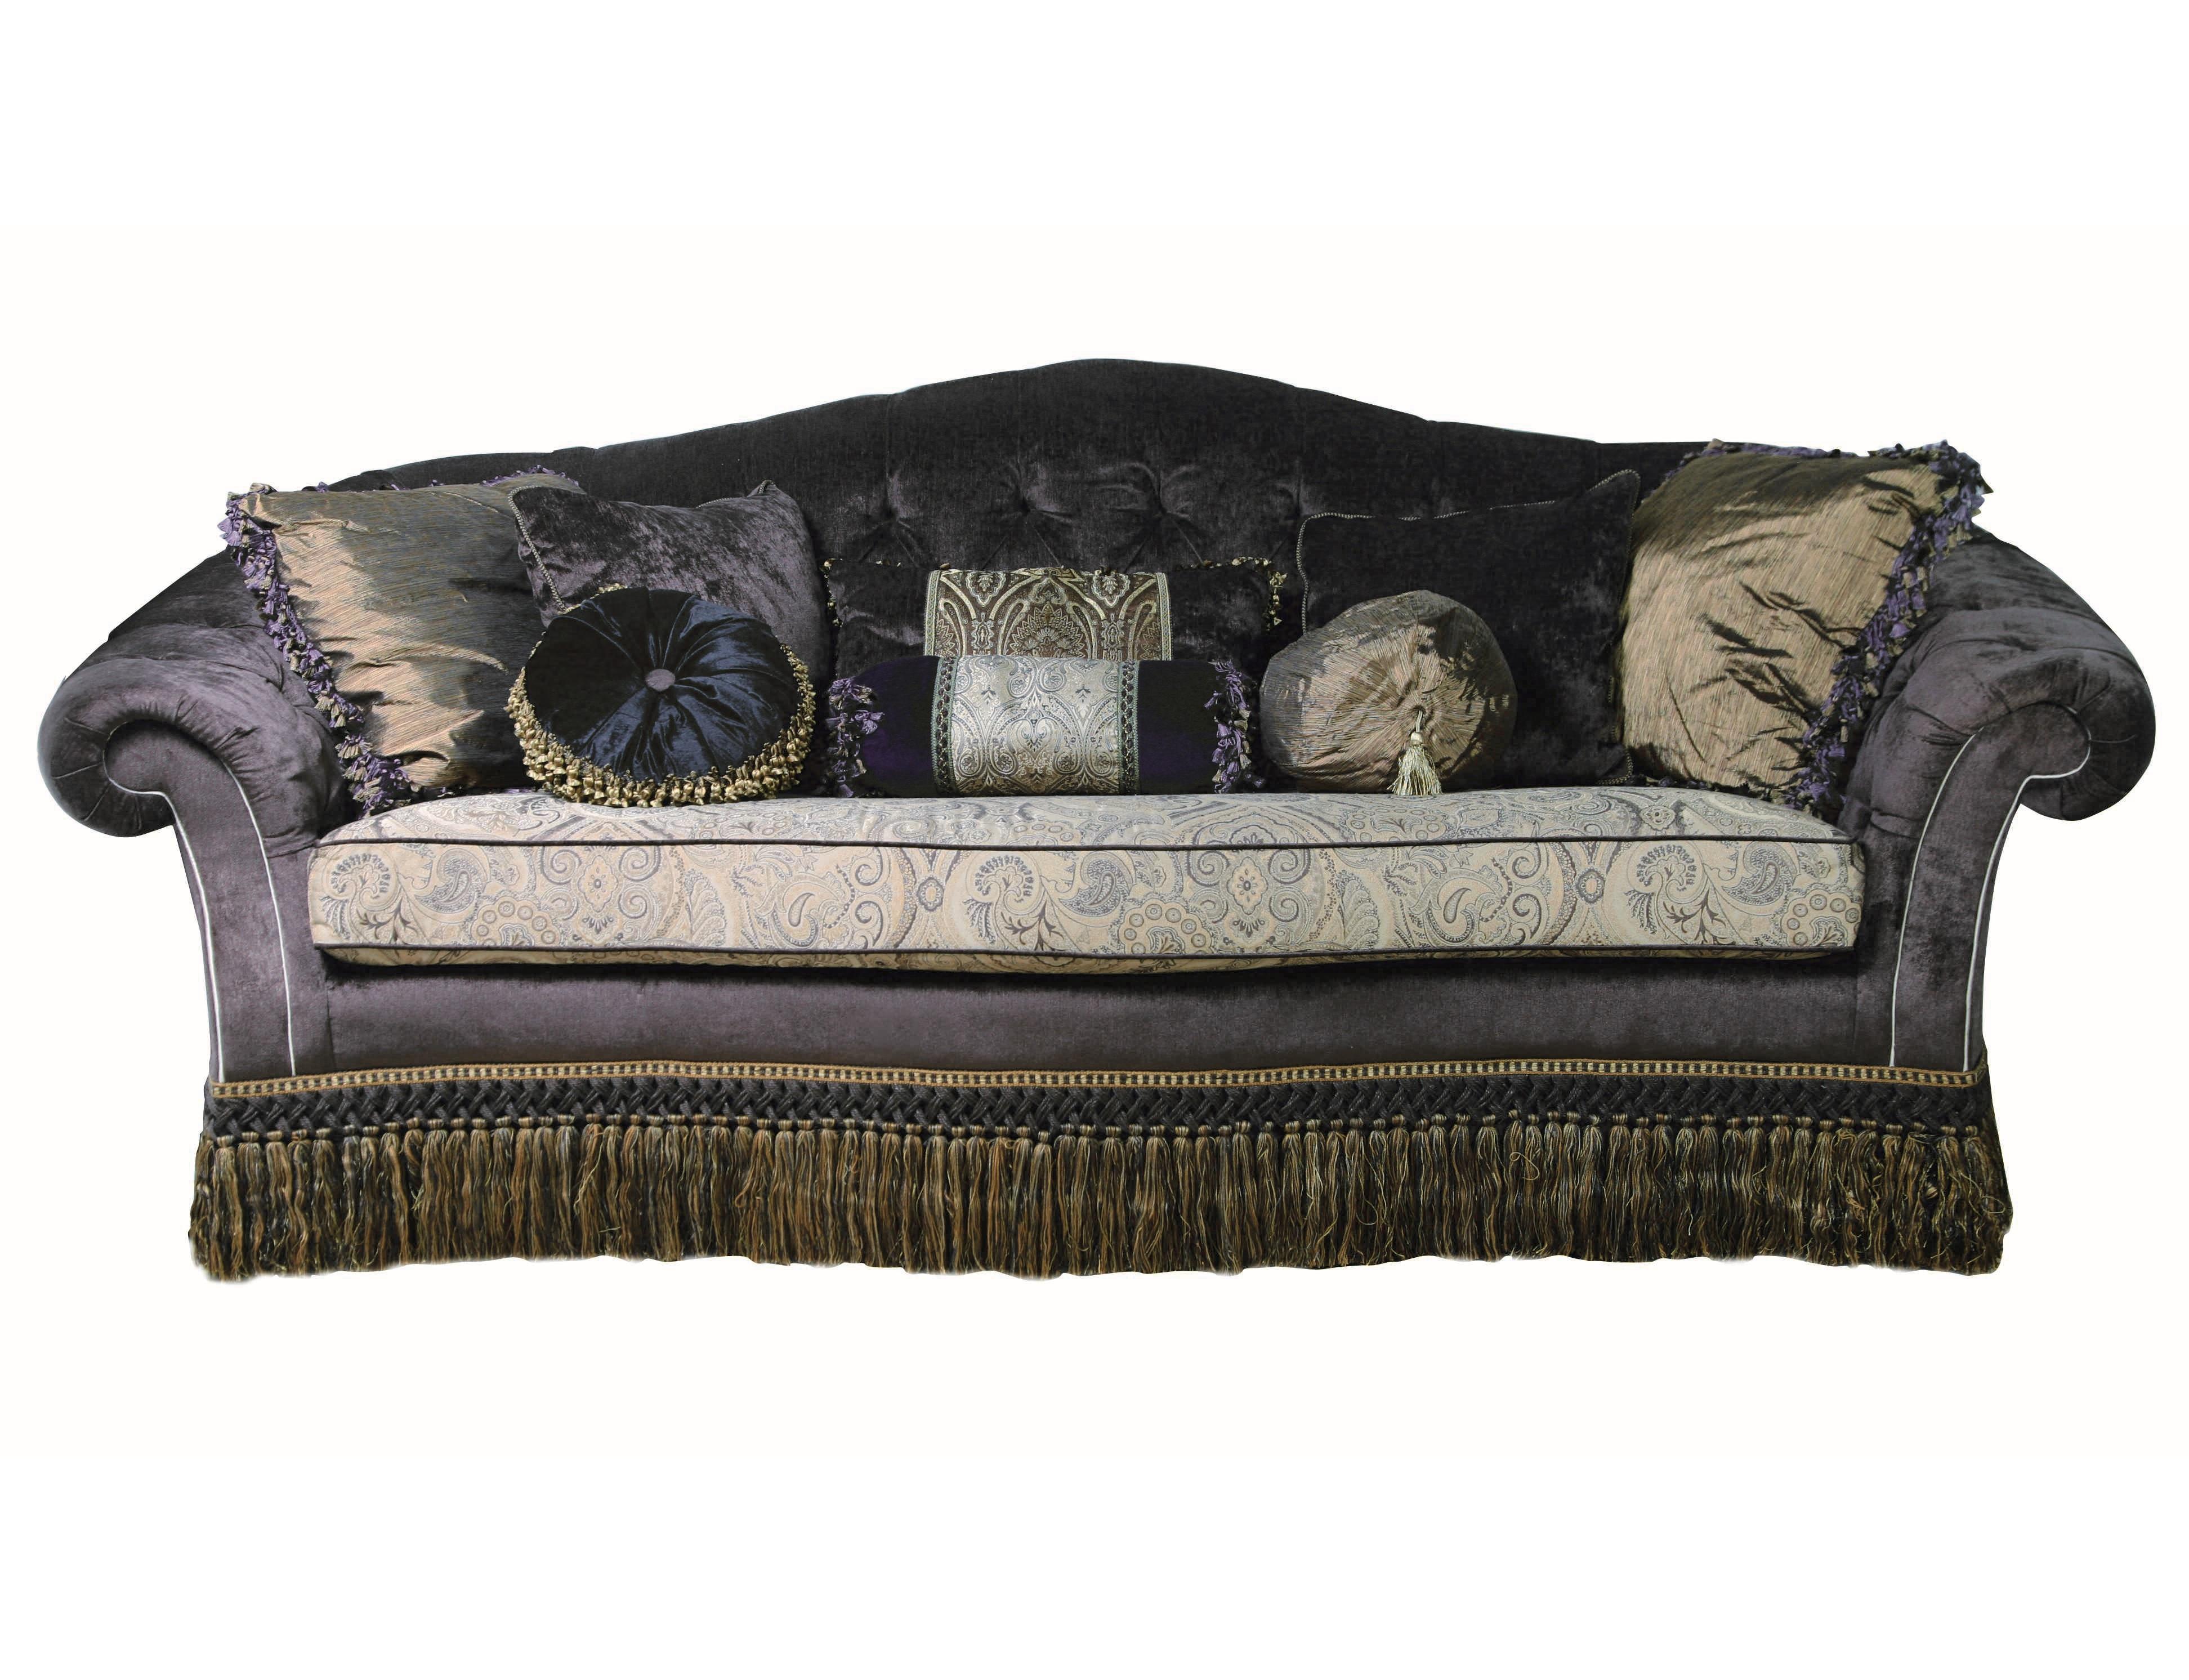 Диван CIRCLEДвухместные диваны<br>Двухместный диван в классическом стиле. Выполнен на &amp;quot;скрытом&amp;quot; каркасе. Подушка сиденья независимая. Предлагается в текстильной обивке из каталога фабрики. Для создания наибольшего комфорта модель дополнена многочисленными декоративными подушками. Основание задрапировано &amp;quot;юбкой&amp;quot; из бахромы.<br><br>Material: Текстиль<br>Width см: 210<br>Depth см: 95<br>Height см: 112